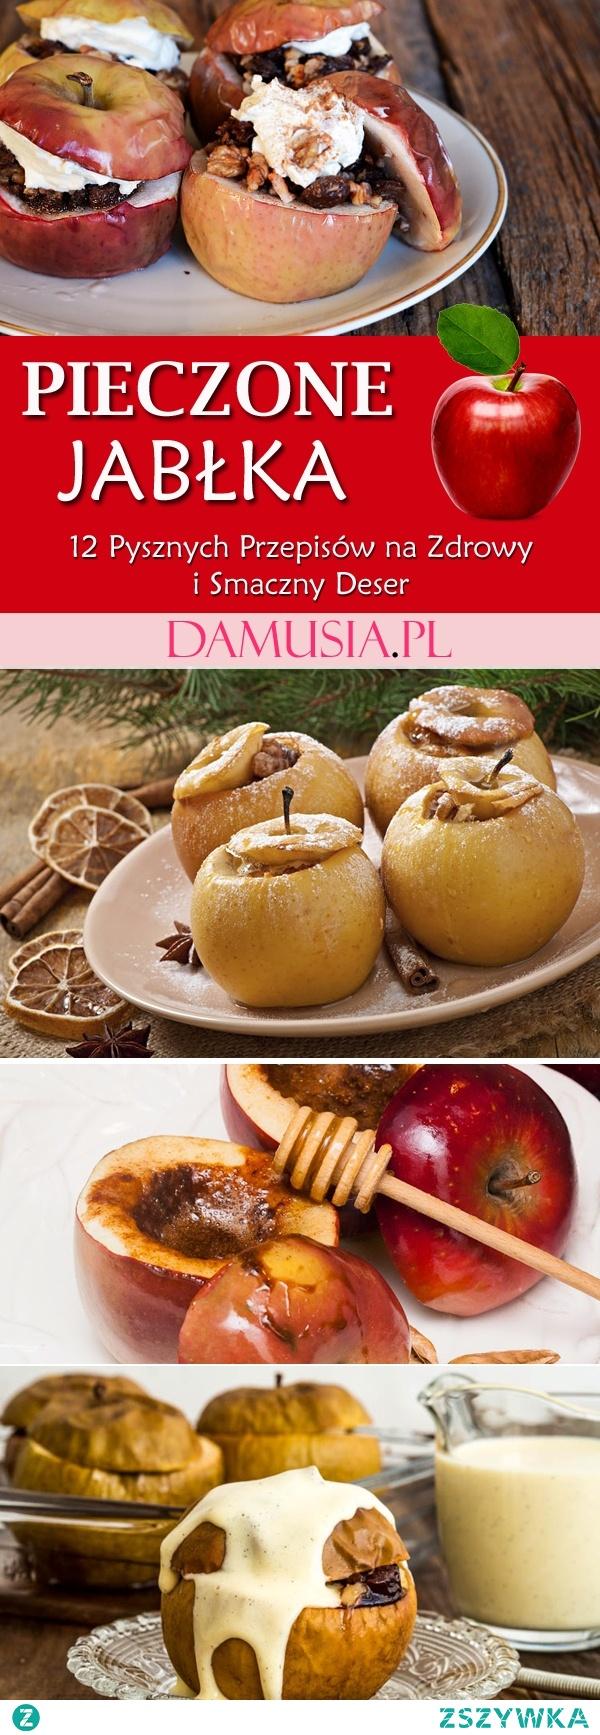 Pieczone Jabłka – 12 Pysznych Przepisów na Zdrowy i Smaczny Deser